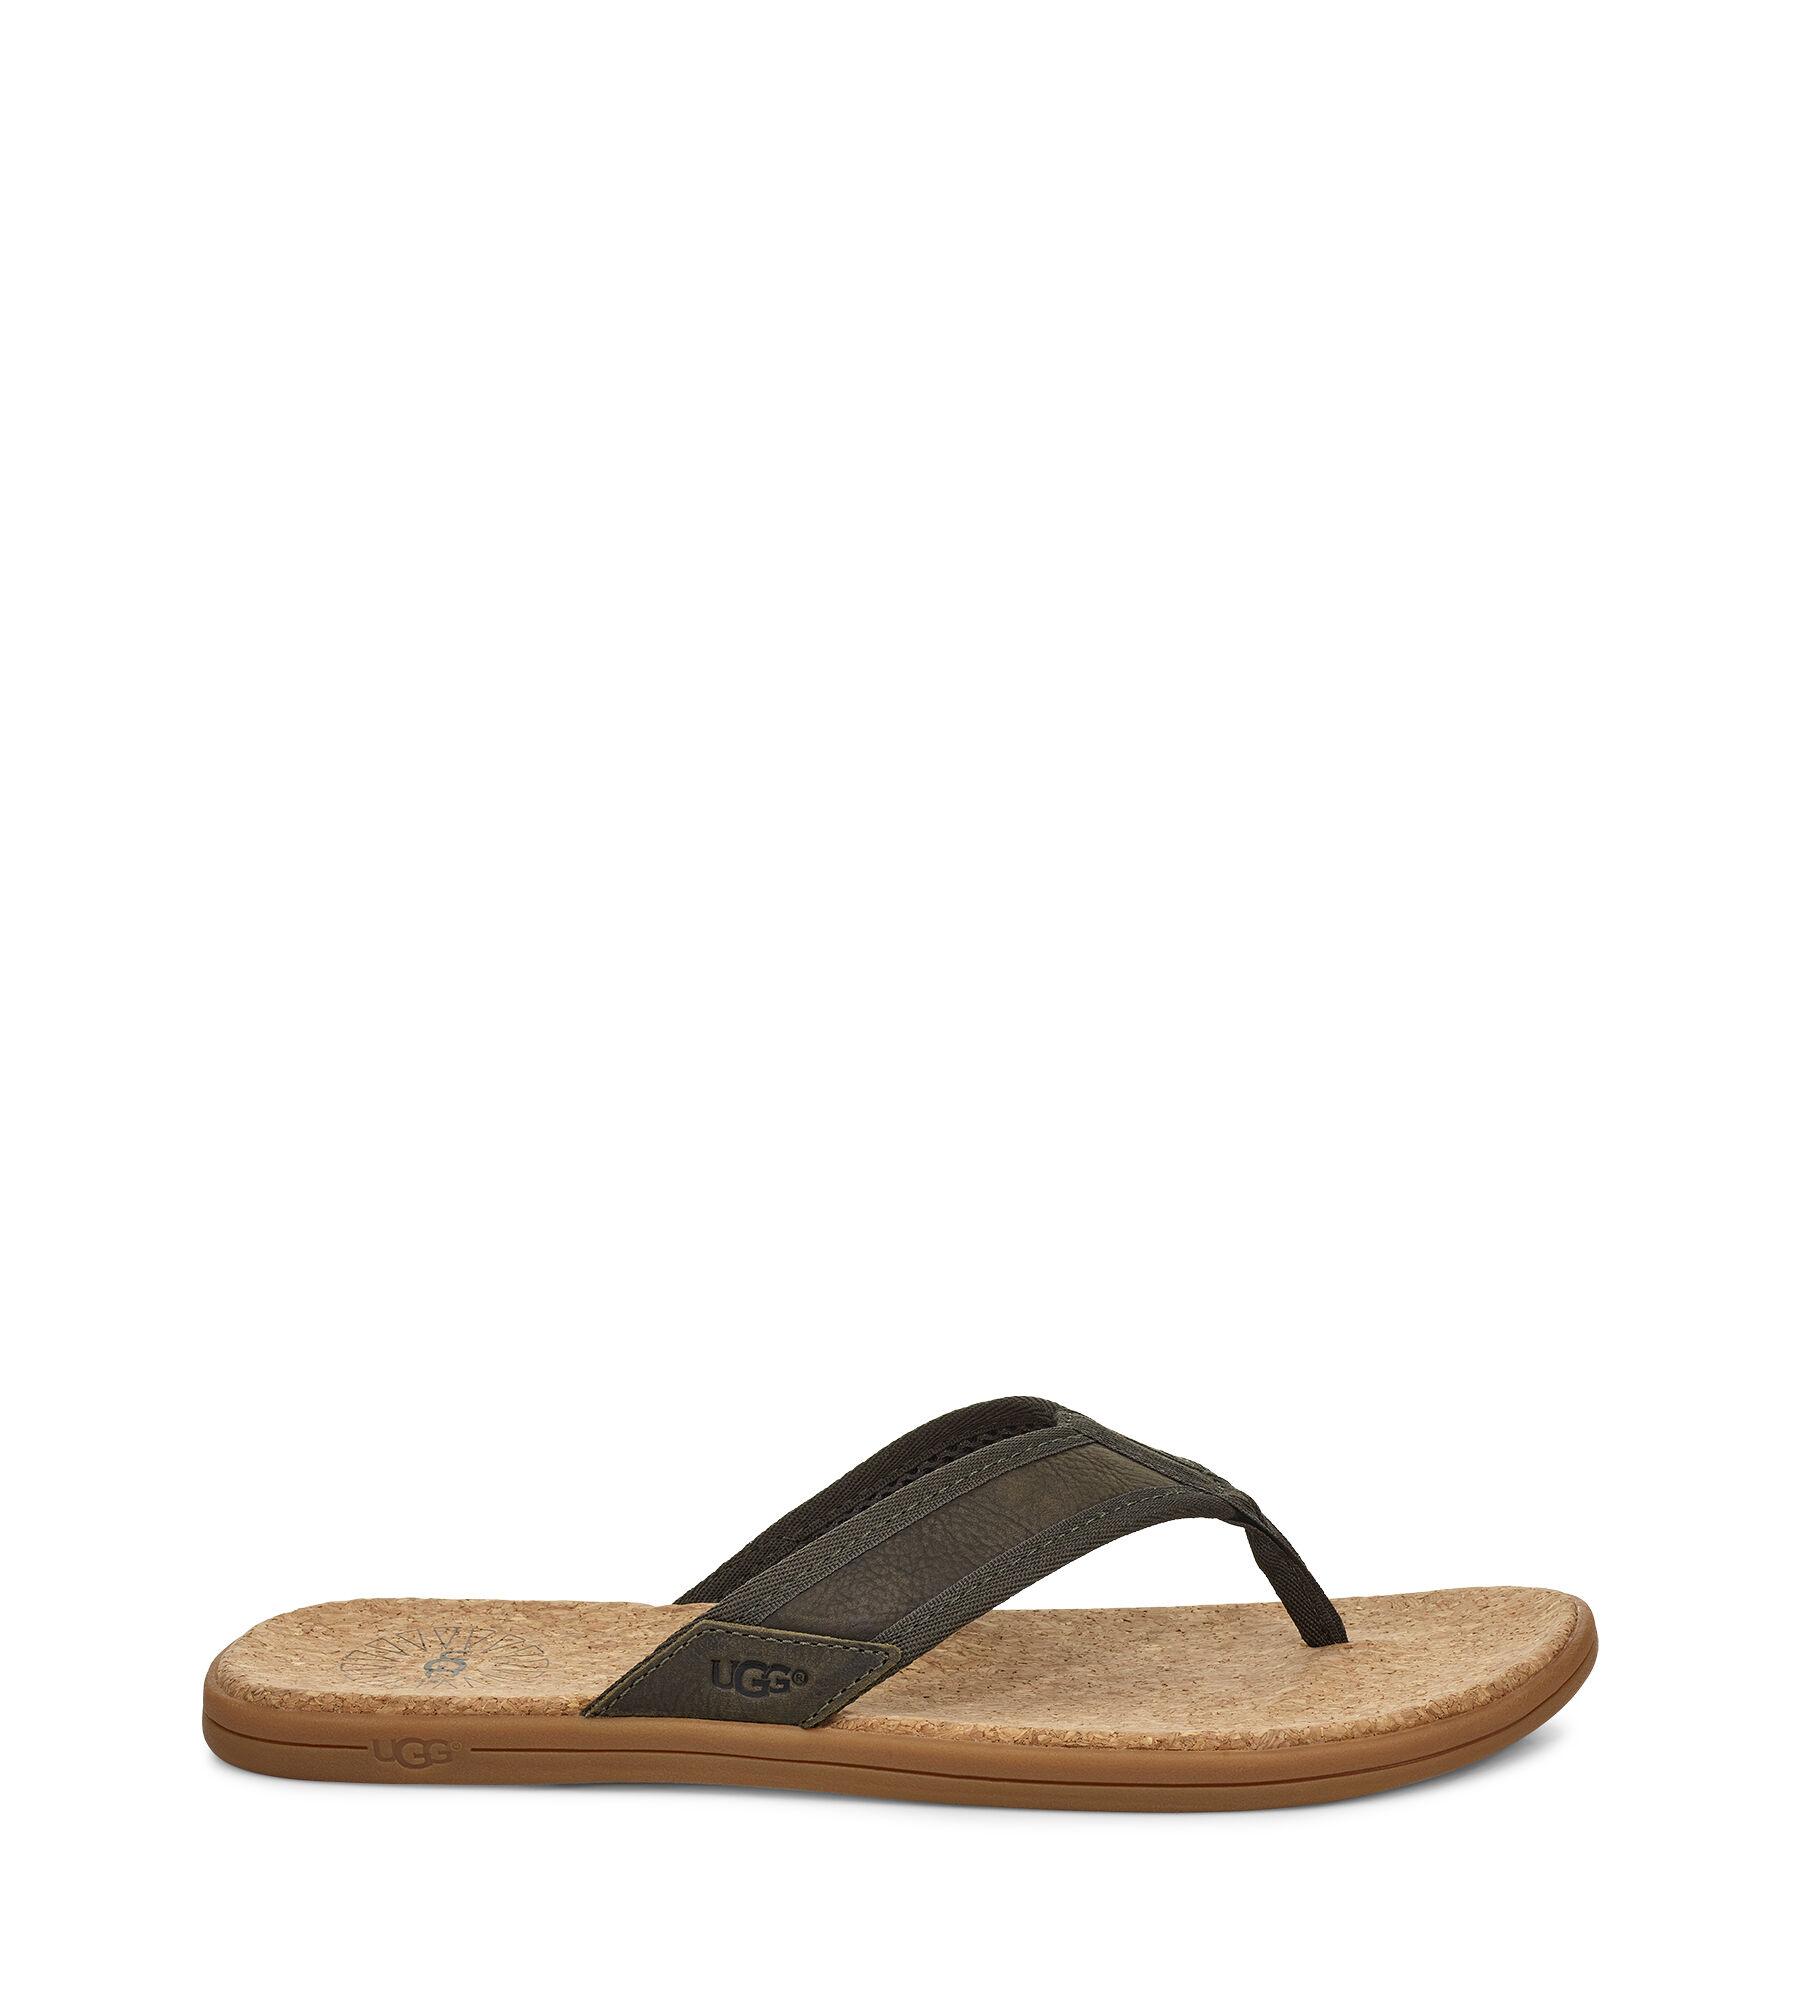 UGG Discount Store New Exclusive UGG Seaside Flip Sandals